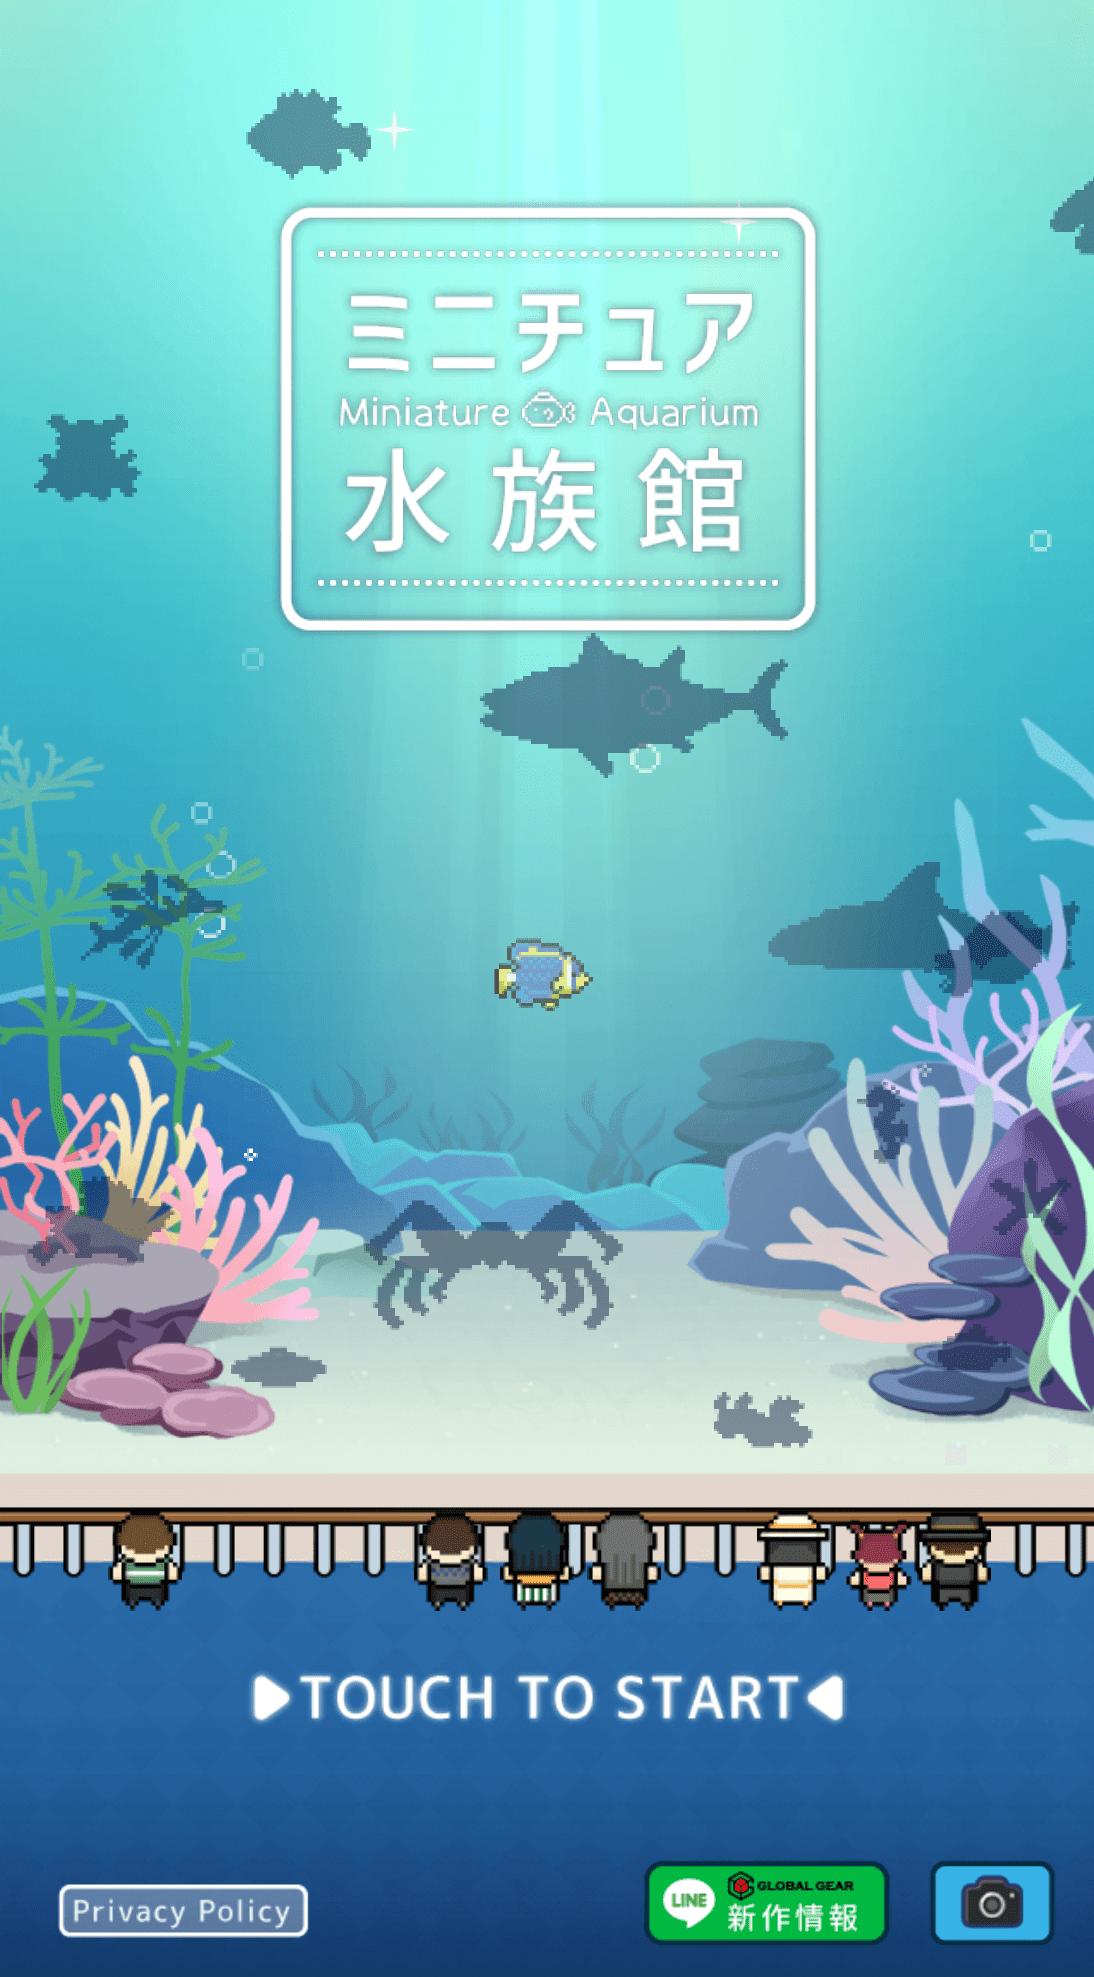 【ミニチュア水族館】序盤の攻略進め方まとめ!